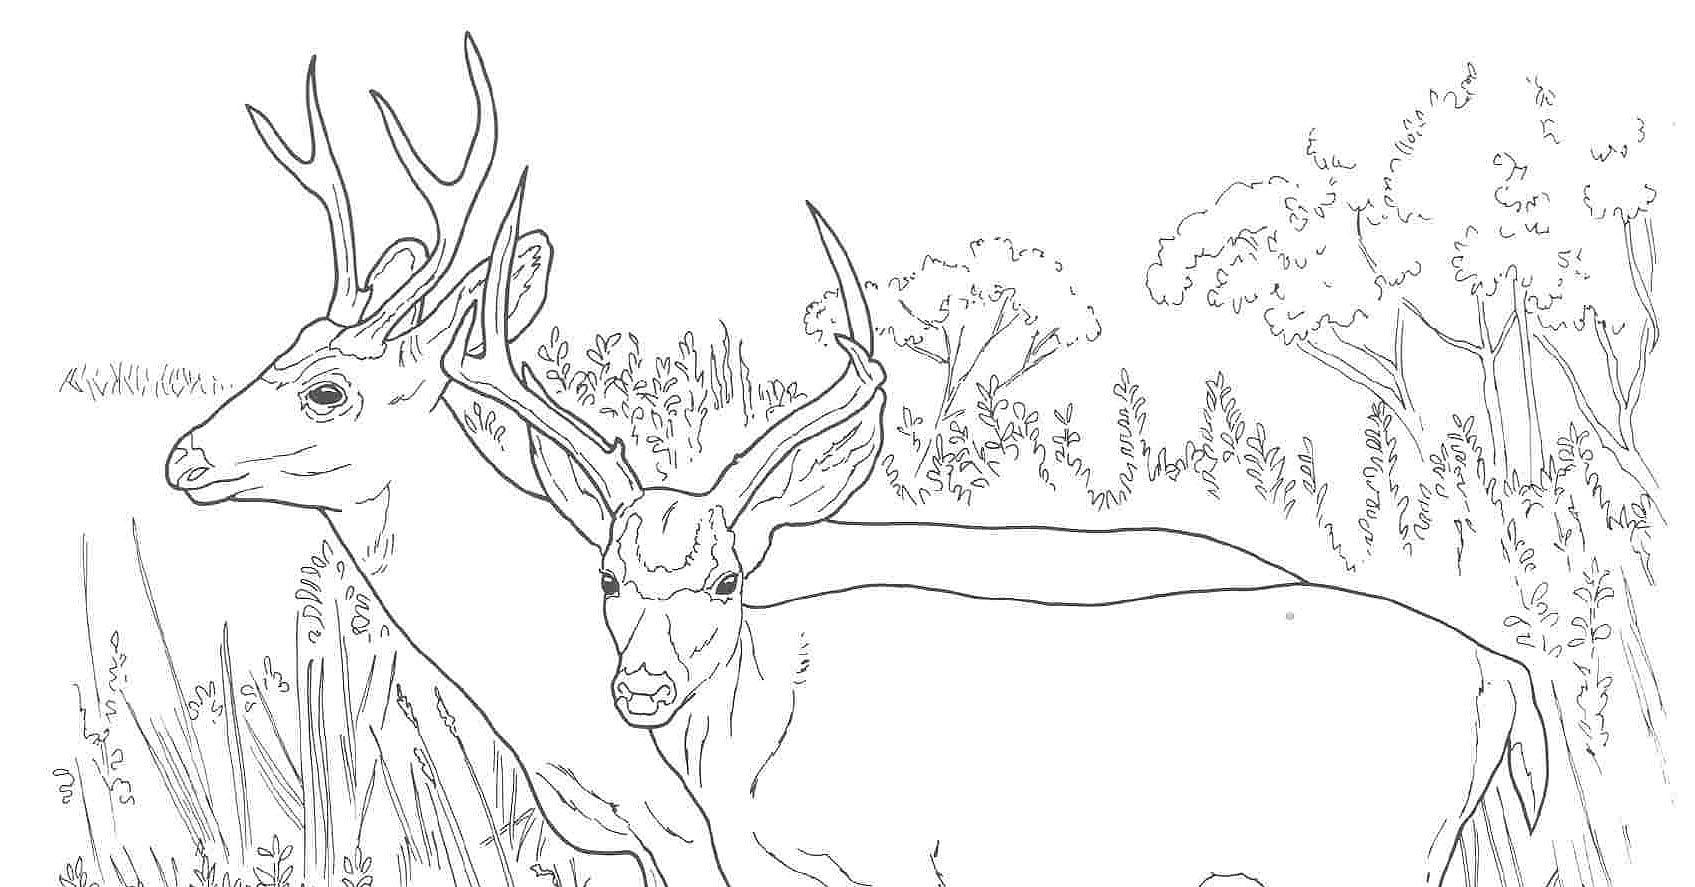 mule deer coloring page - coloring deer antlers images reverse search